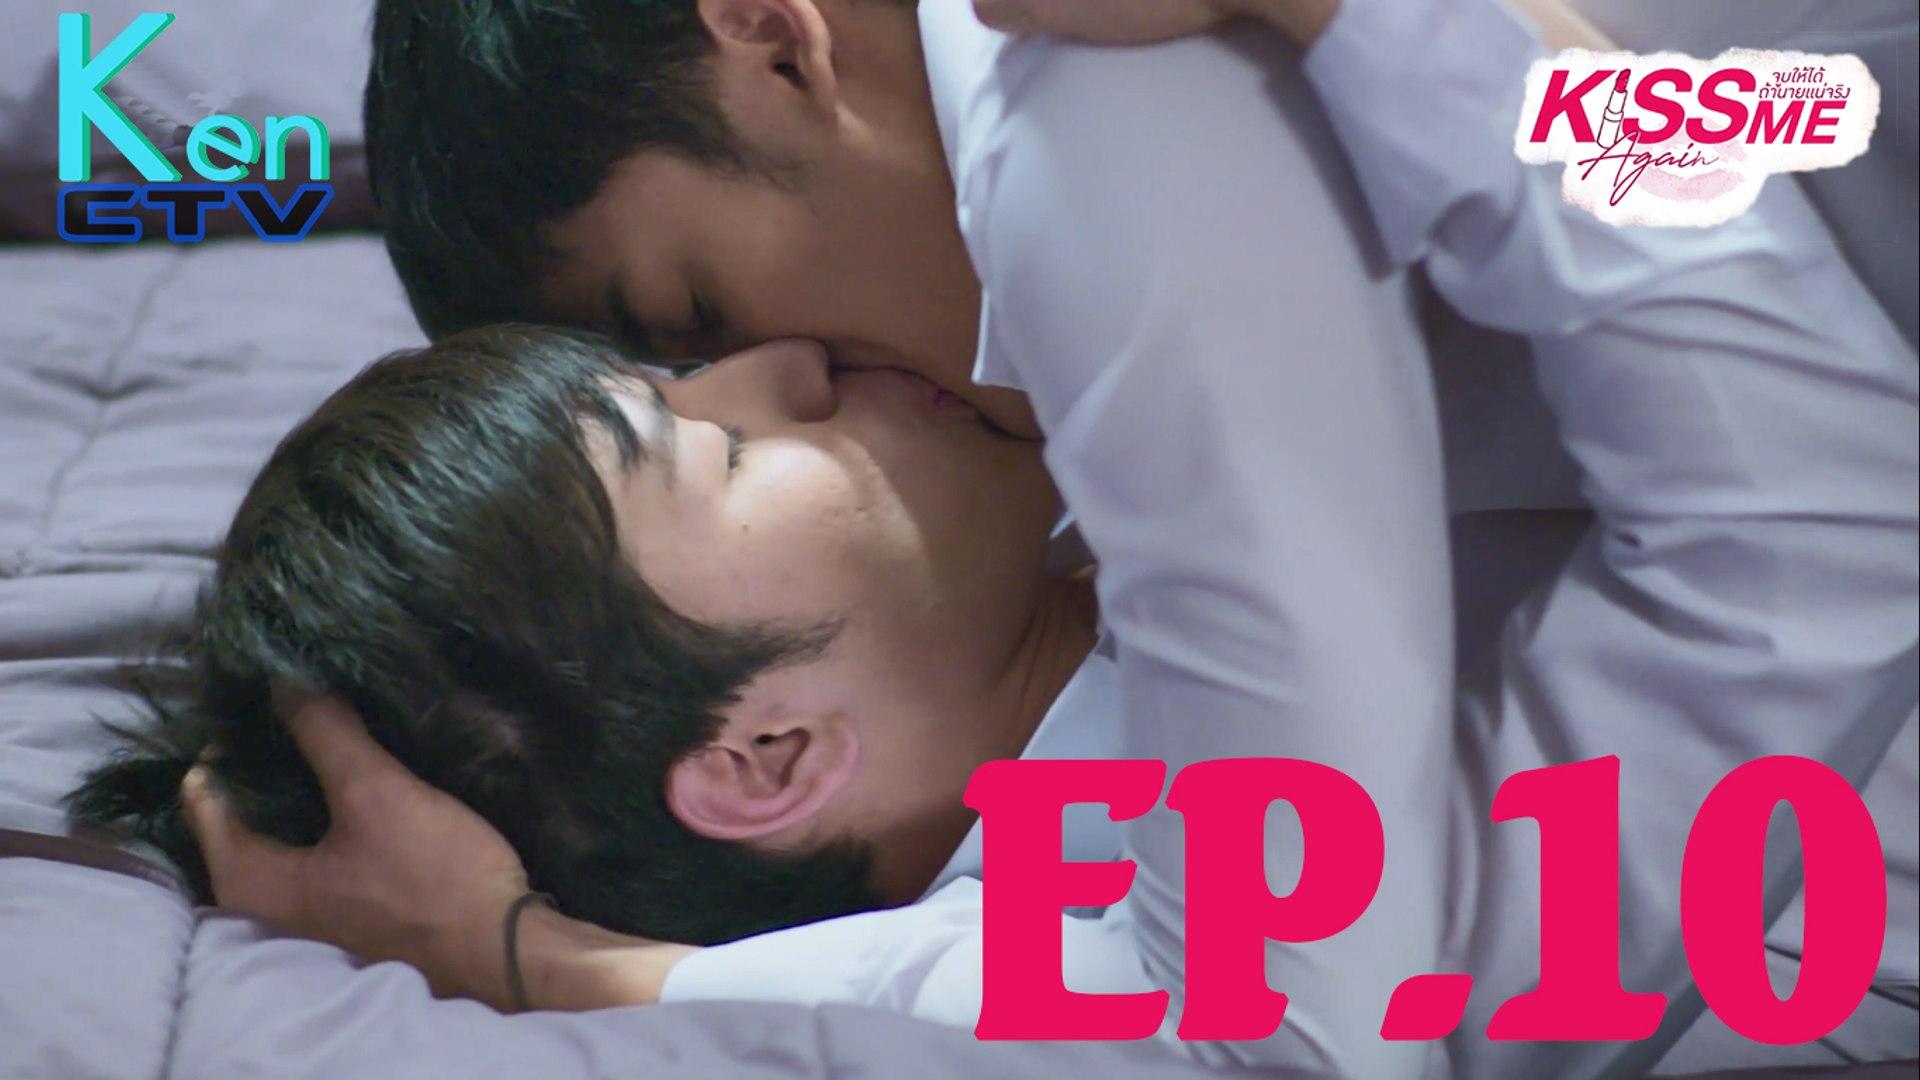 [Vietsub] Kiss Me Again - Hôn cho được nếu như cậu dám - Ep 10